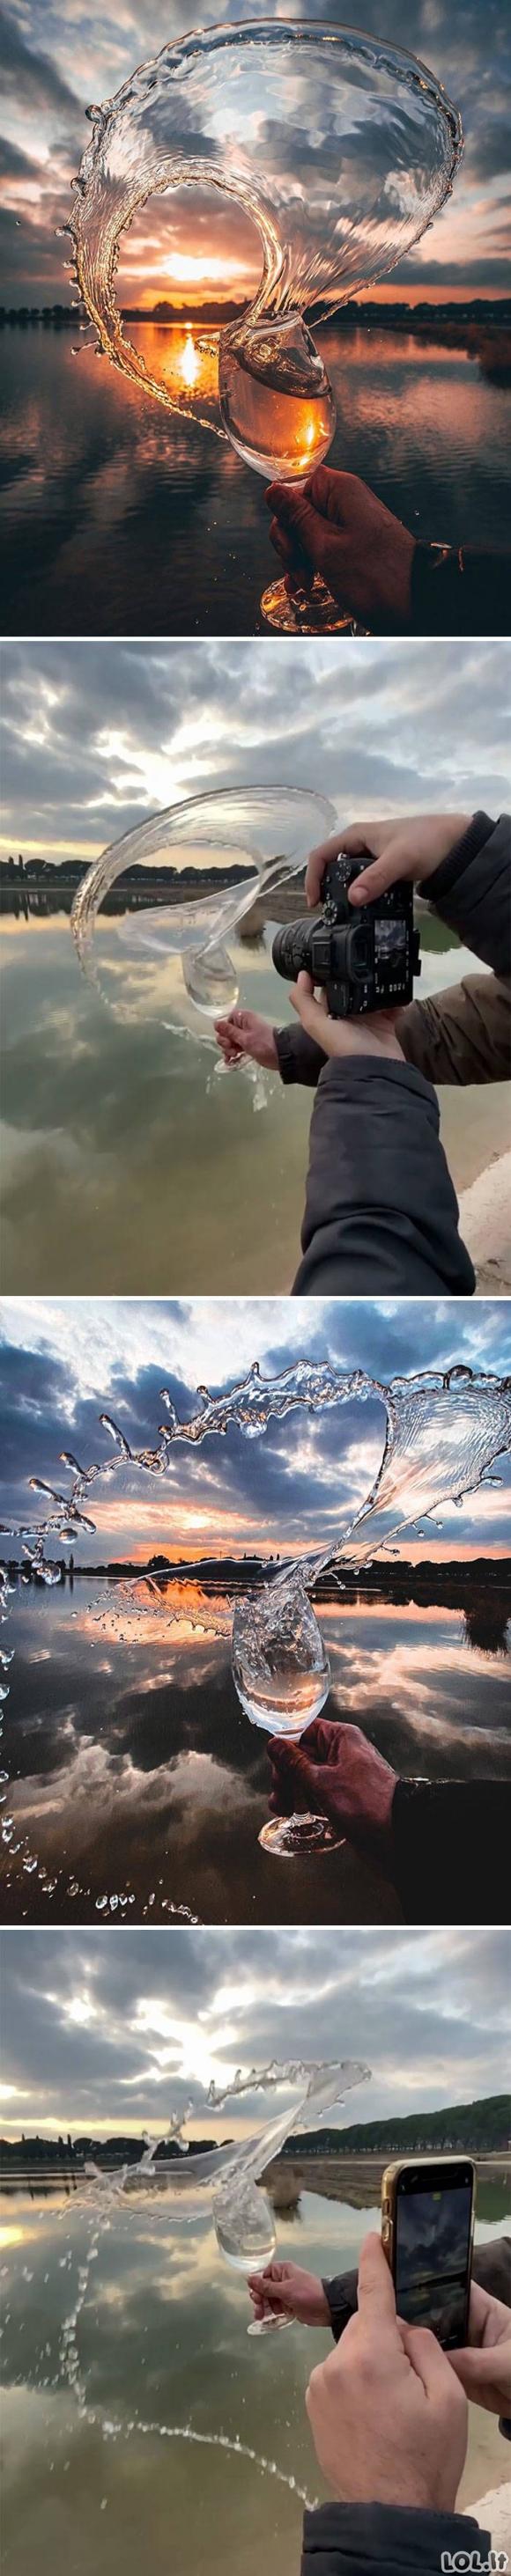 Labai kūrybingos nuotraukos prieš ir po [GALERIJA]